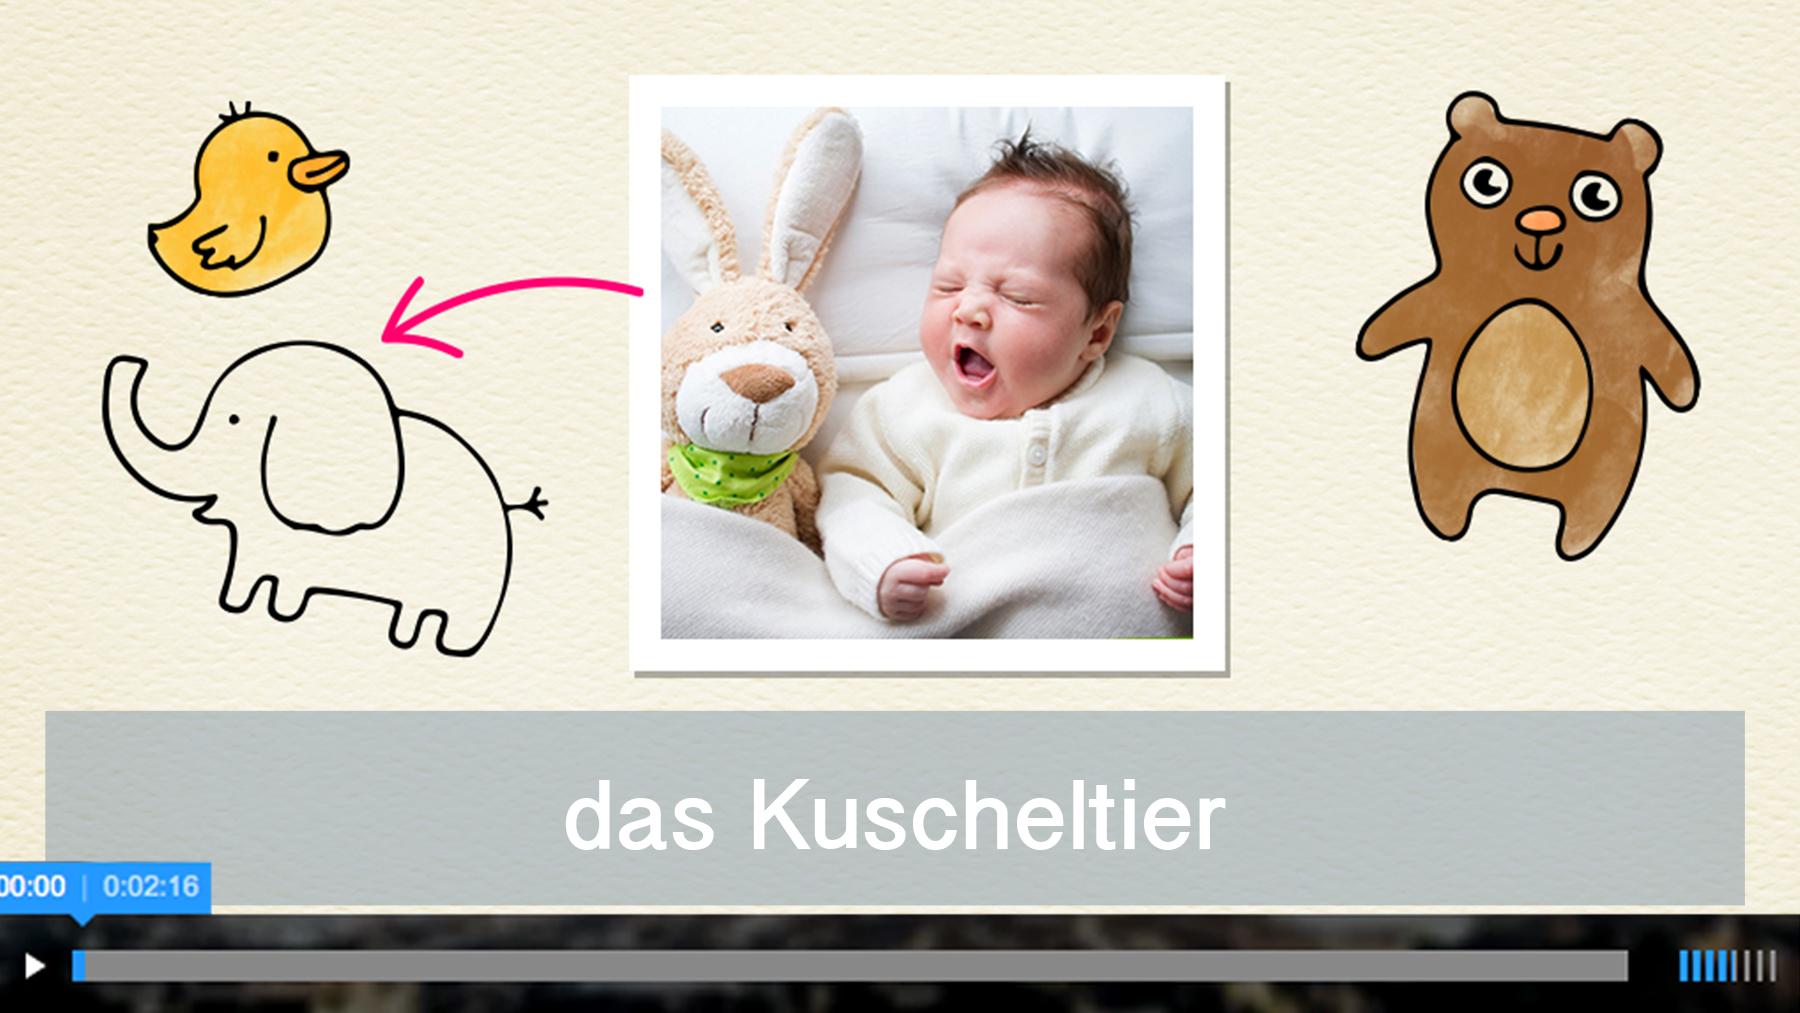 dw-kuscheltier